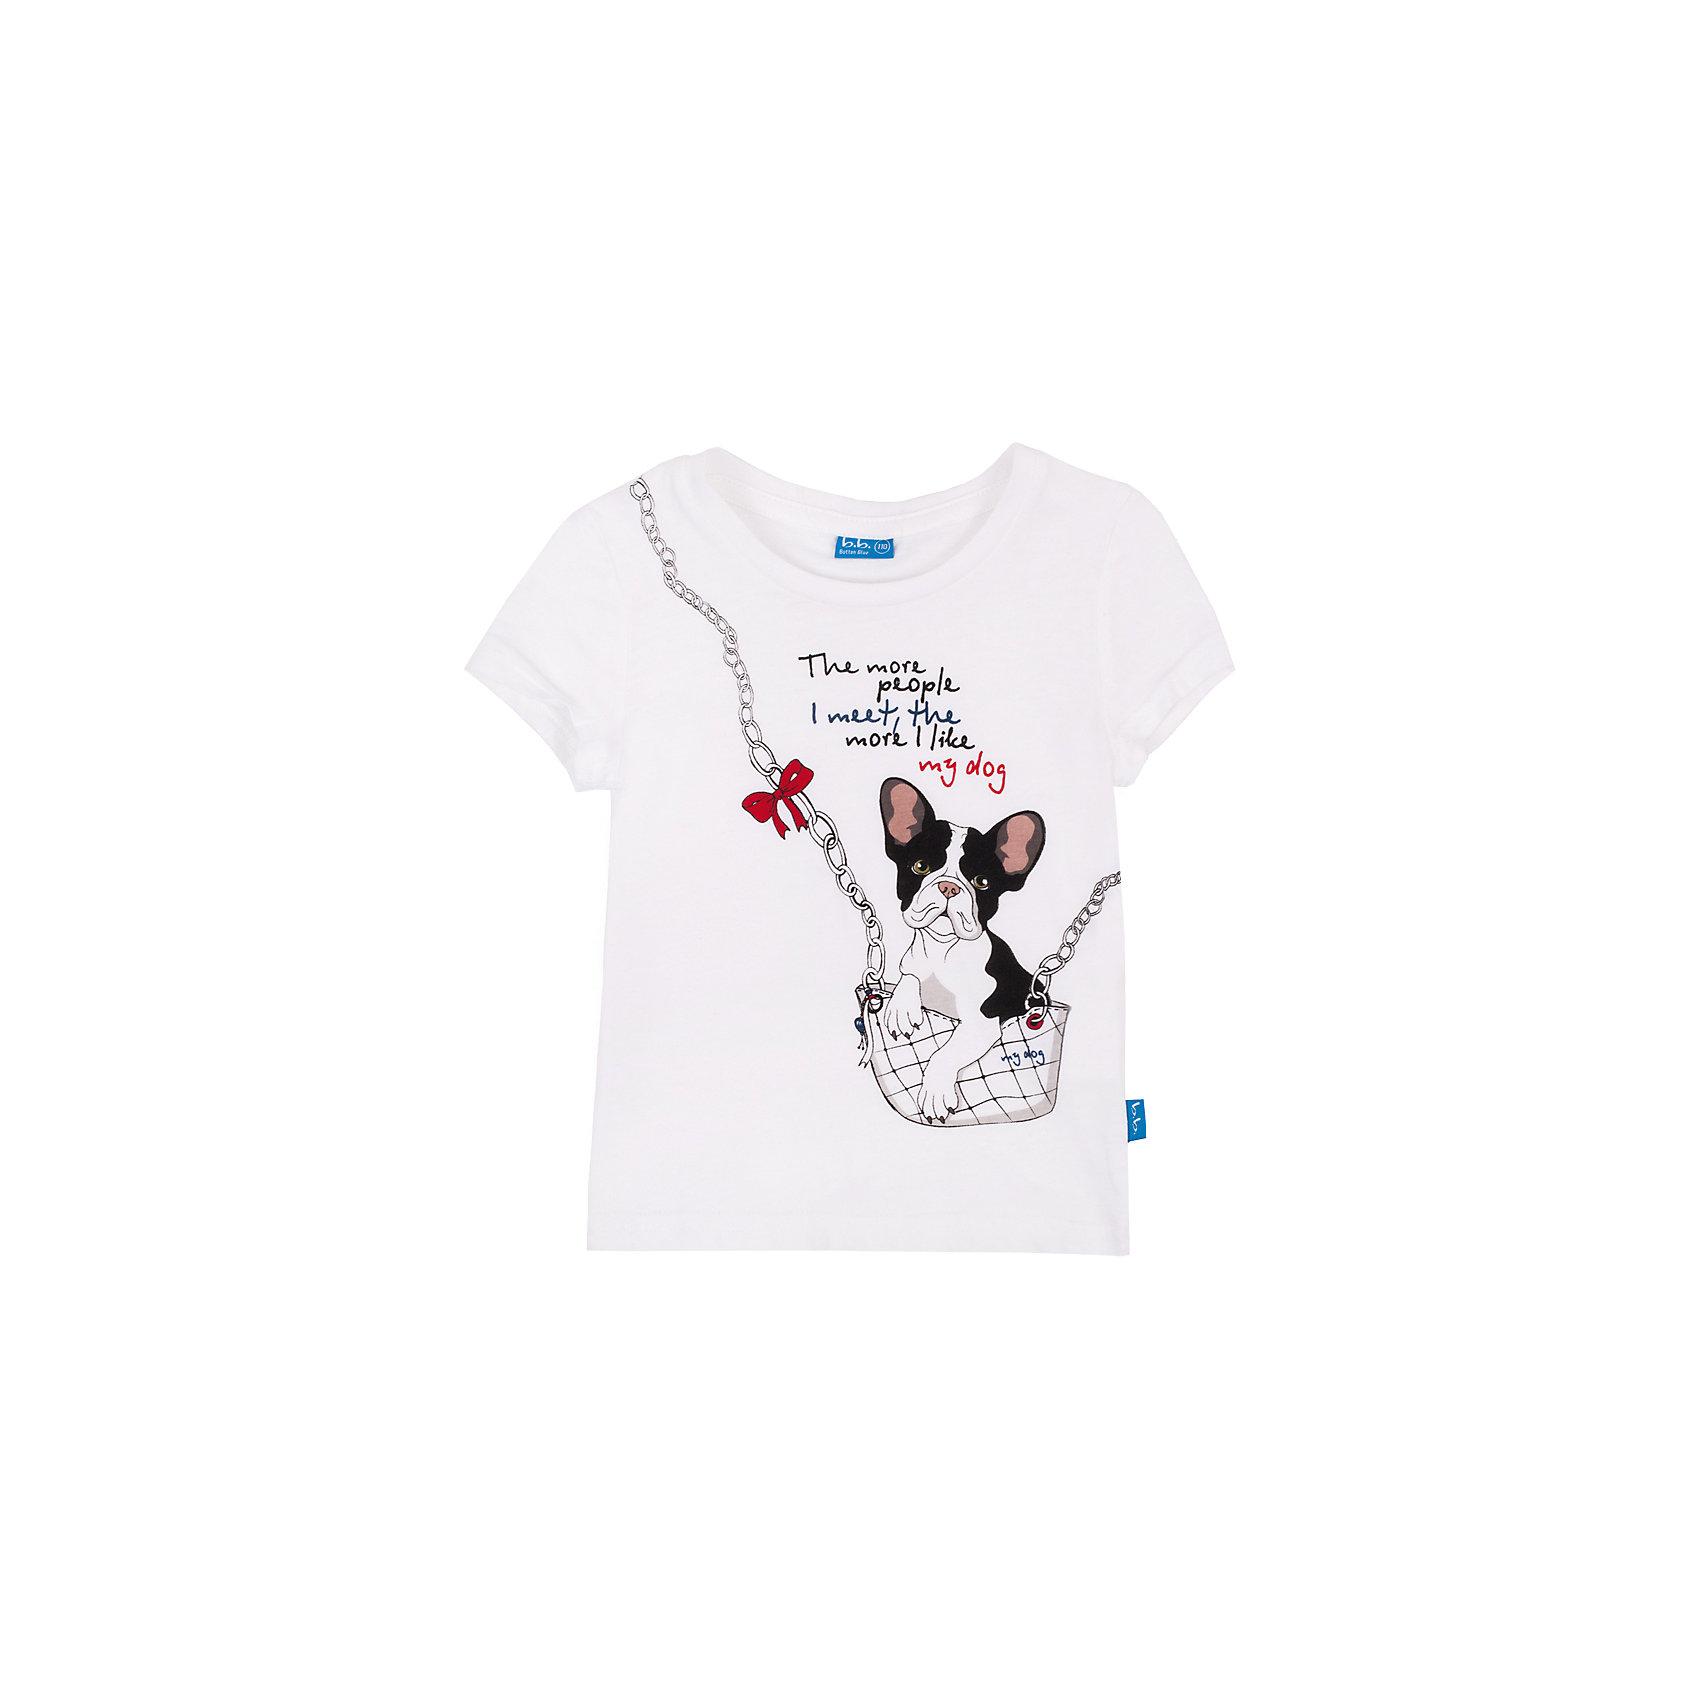 Футболка для девочки Button BlueФутболки, поло и топы<br>Белая футболка с ярким принтом - не просто базовая вещь в гардеробе ребенка, а залог хорошего летнего настроения! Отличное качество и доступная цена прилагаются. Если вы решили купить недорогую белую футболку для девочки, выберете модель футболки с оригинальным принтом, и ваш ребенок будет доволен!<br>Состав:<br>100% хлопок<br><br>Ширина мм: 199<br>Глубина мм: 10<br>Высота мм: 161<br>Вес г: 151<br>Цвет: белый<br>Возраст от месяцев: 108<br>Возраст до месяцев: 120<br>Пол: Женский<br>Возраст: Детский<br>Размер: 140,146,134,122,104,158,152,128,116,98,110<br>SKU: 4510035